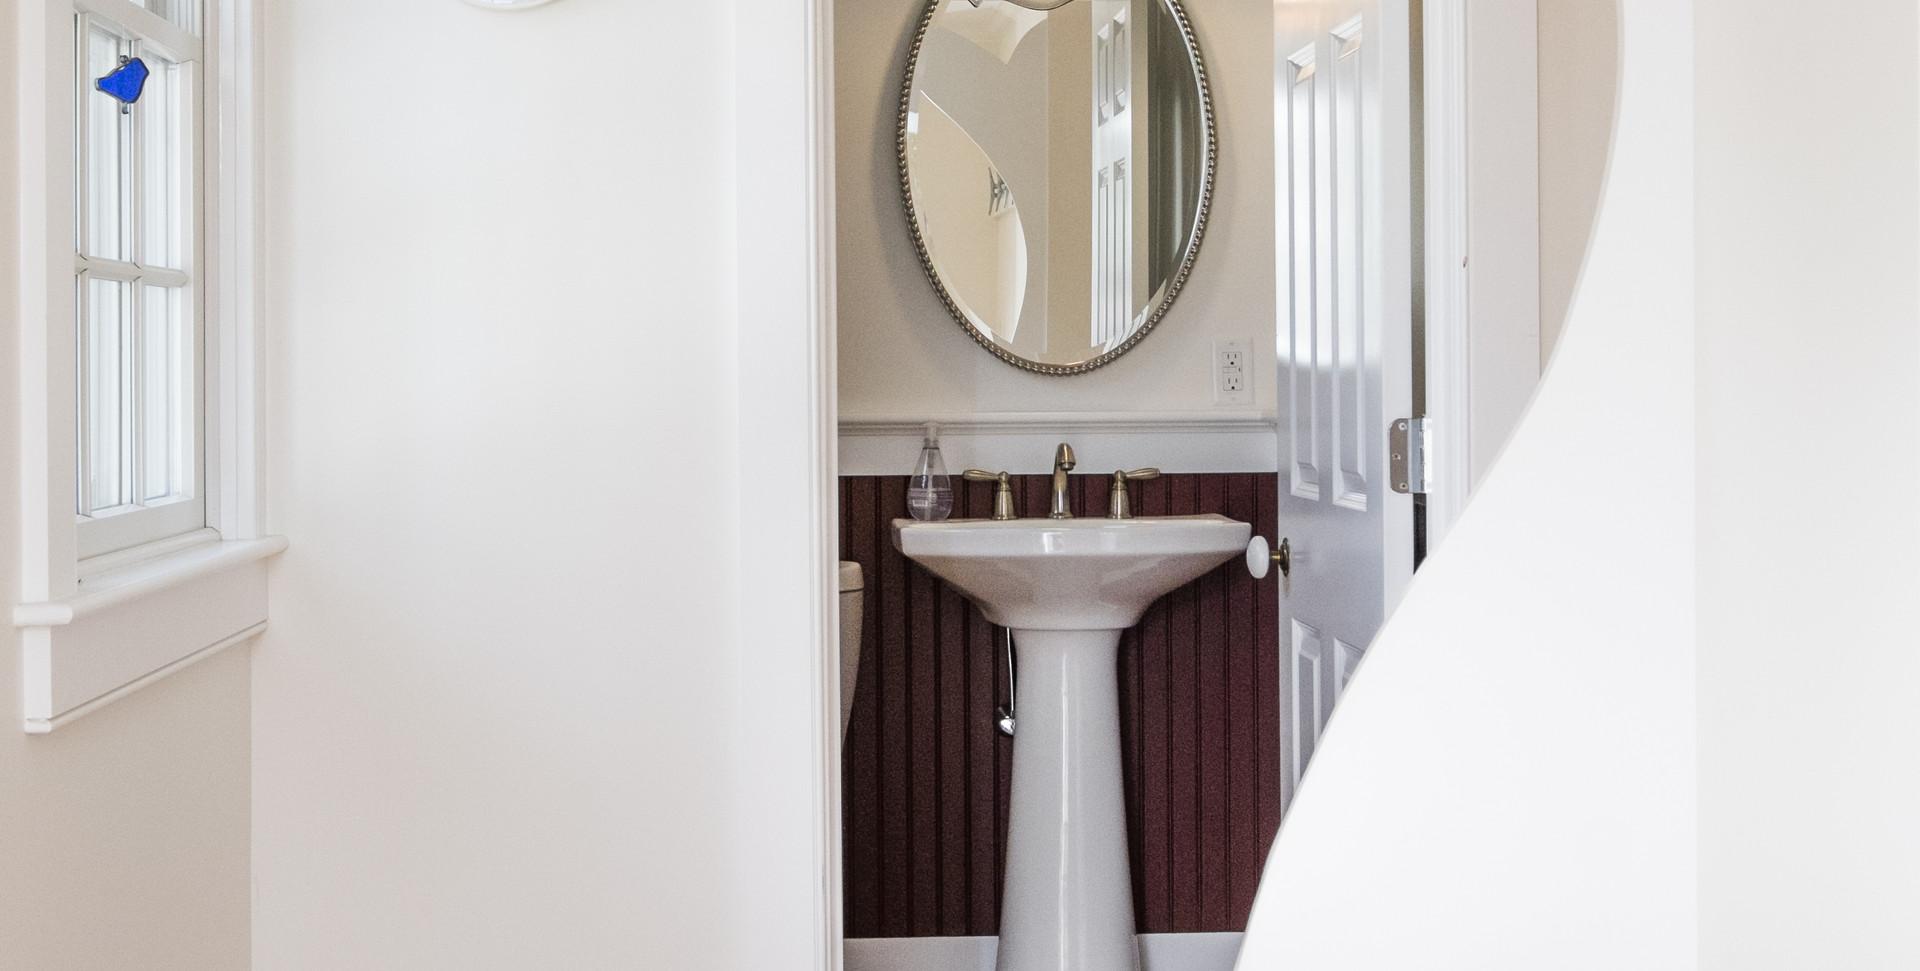 Old Village, Chatham,MA Historic Preservation Remodel, Chatham bathroom remodel